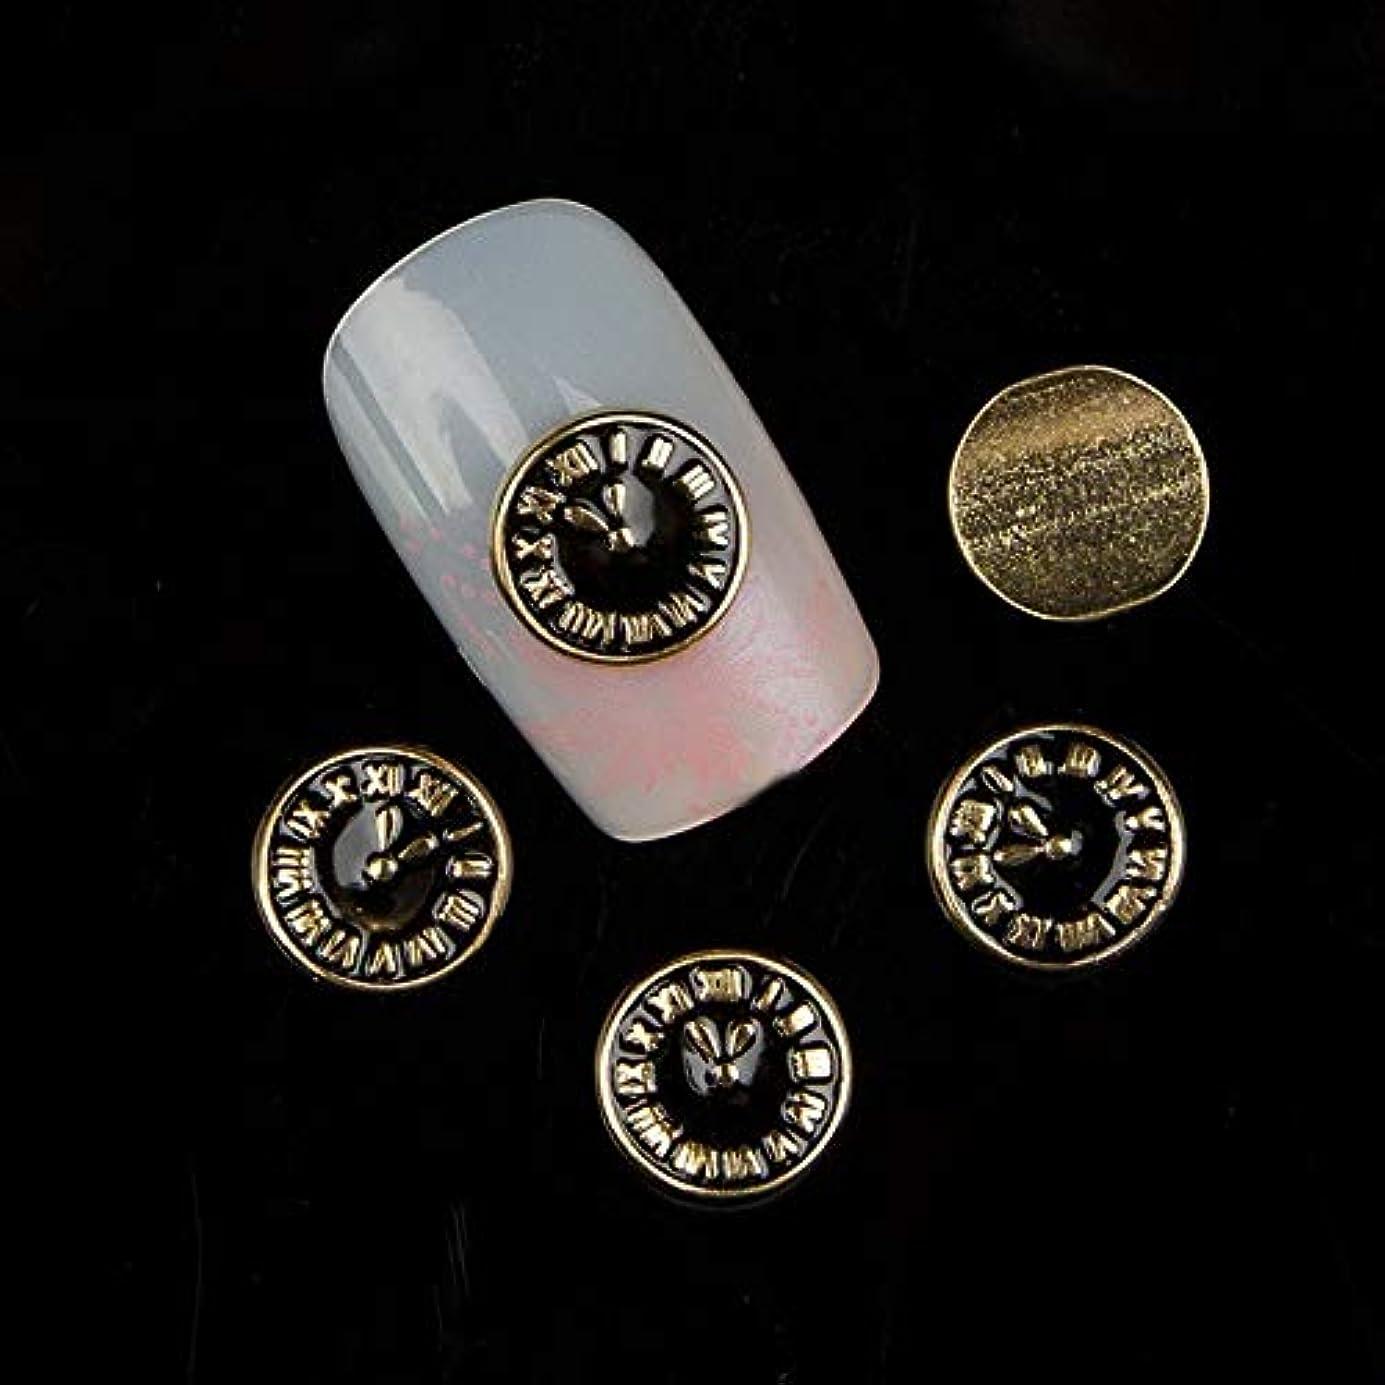 ハシーアクセスできない戦争10個入り/ロットゴールドブラックネイル合金スタッド3Dメタル時計ネイルアートの装飾マニキュアデザイン